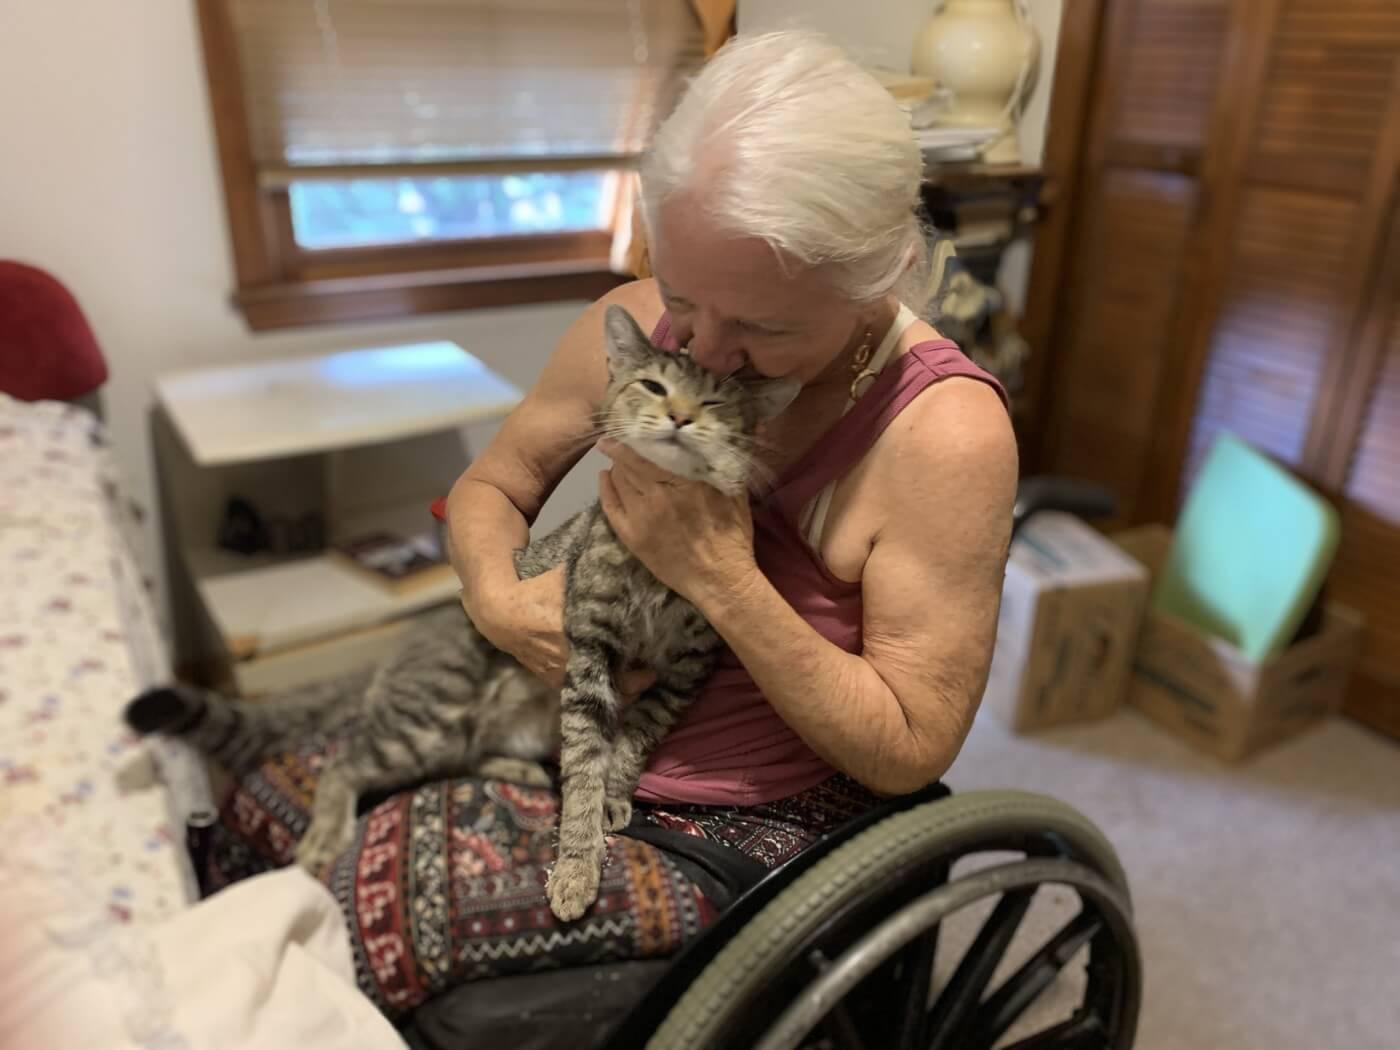 A woman in a wheelchair cuddling a grey cat